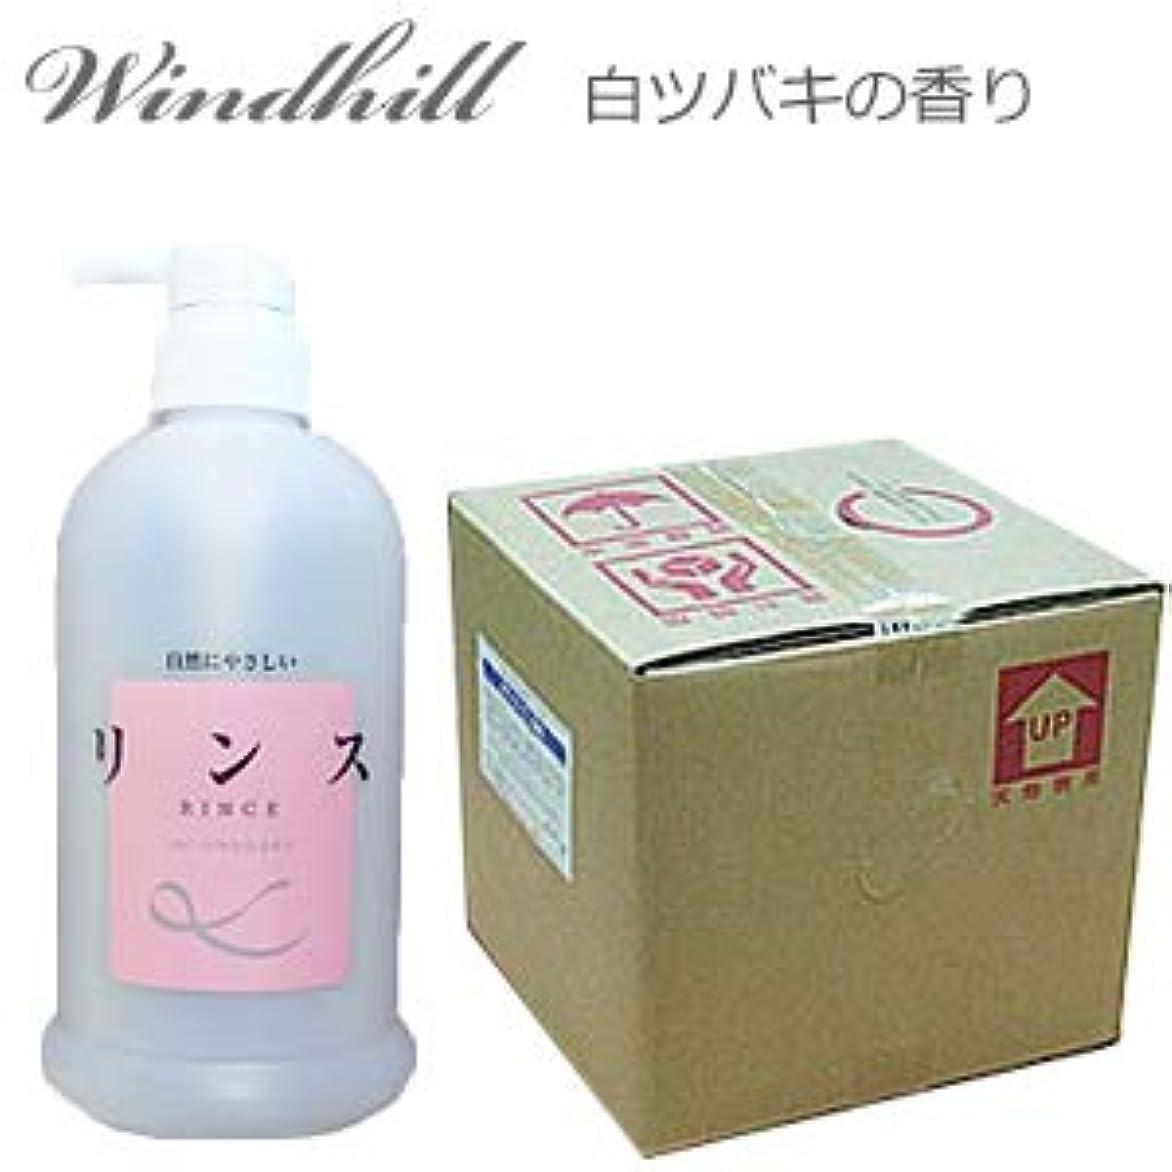 シュリンク湿度取るなんと! 500ml当り175円 Windhill 植物性 業務用 リンス 白ツバキの香り 20L